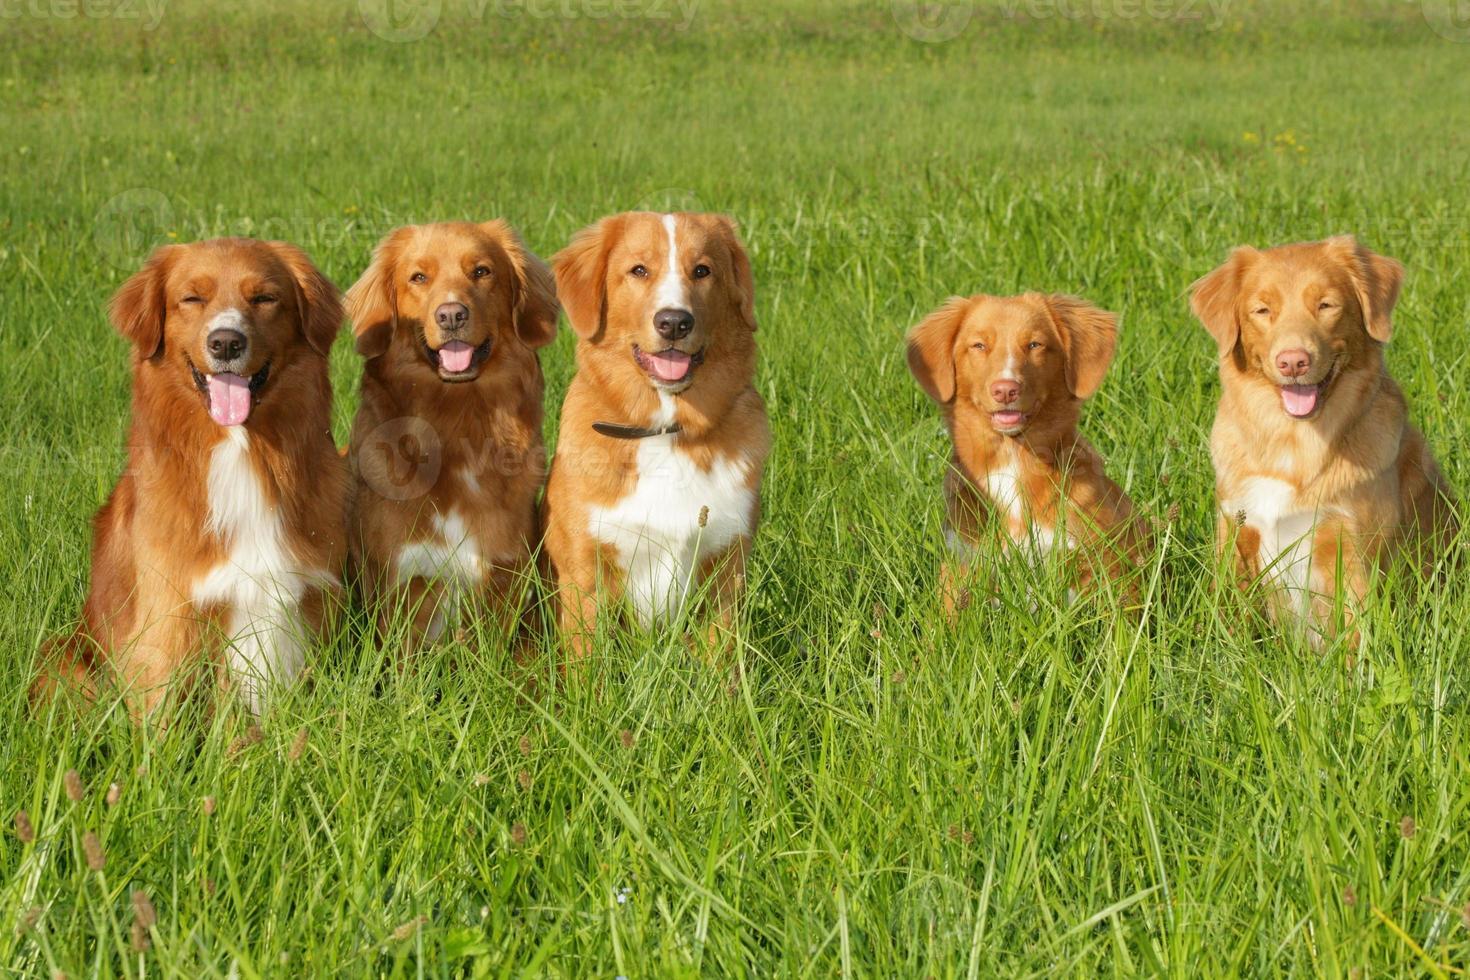 grupo de perros nova scatia duck peaje retriever foto